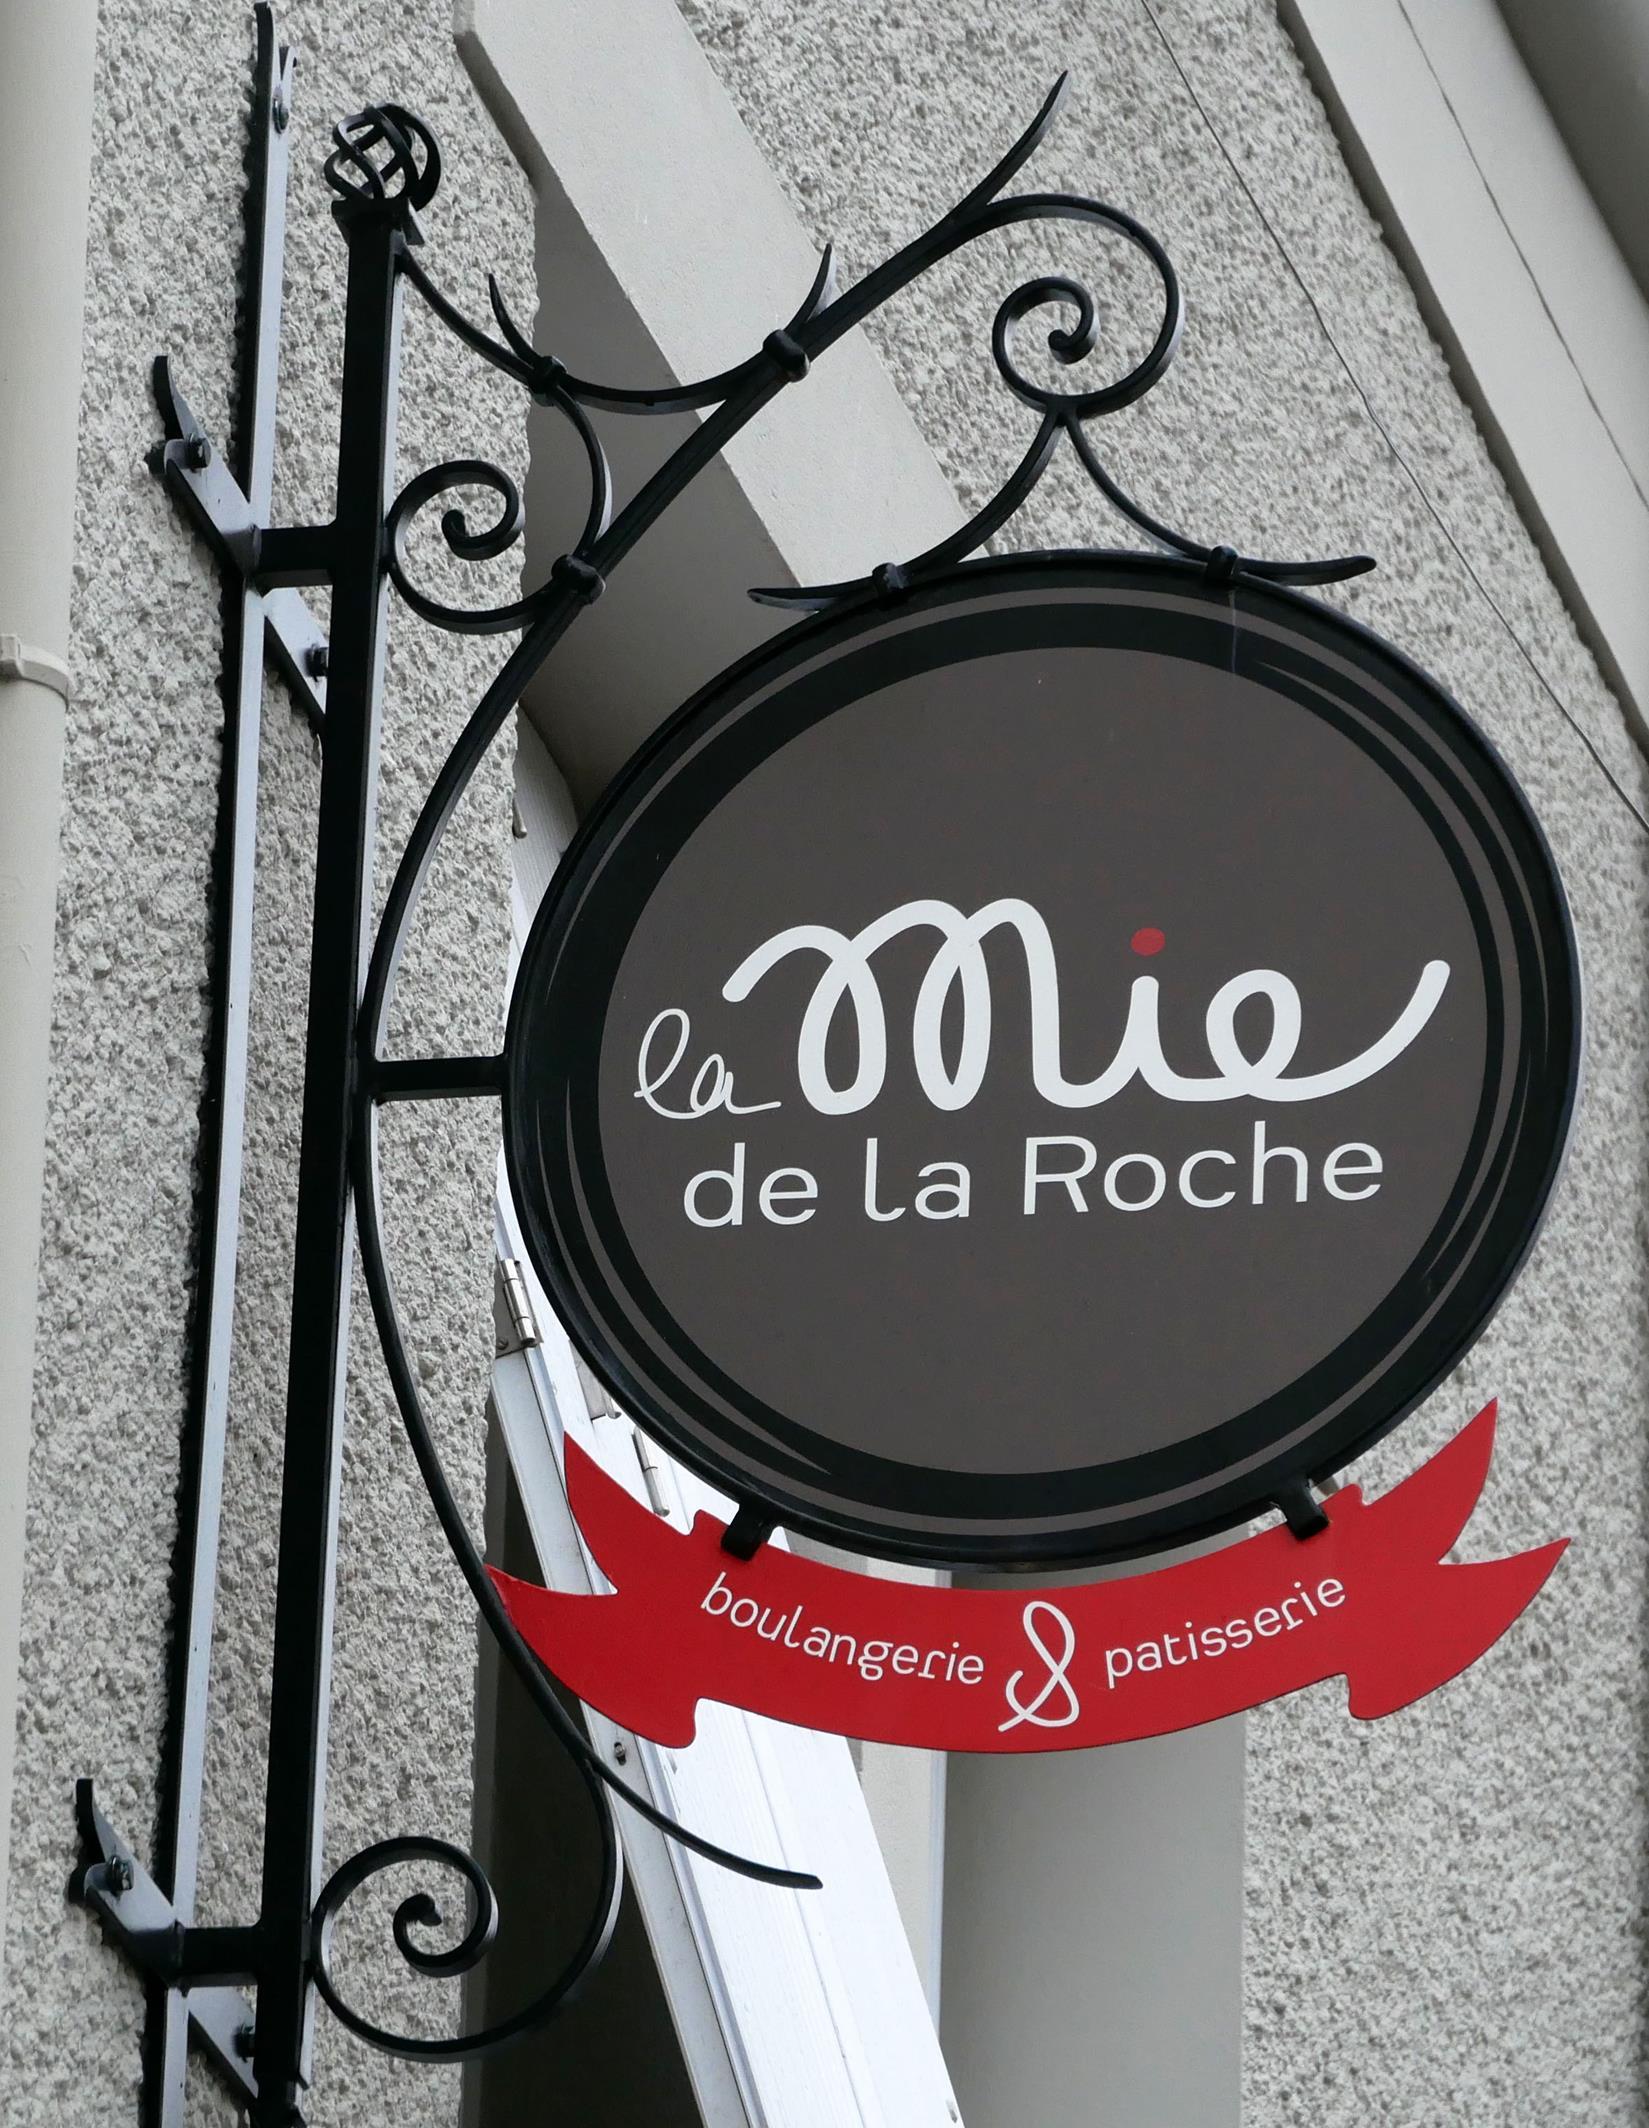 Boulangerie paâtisserie La Mie de La Roche